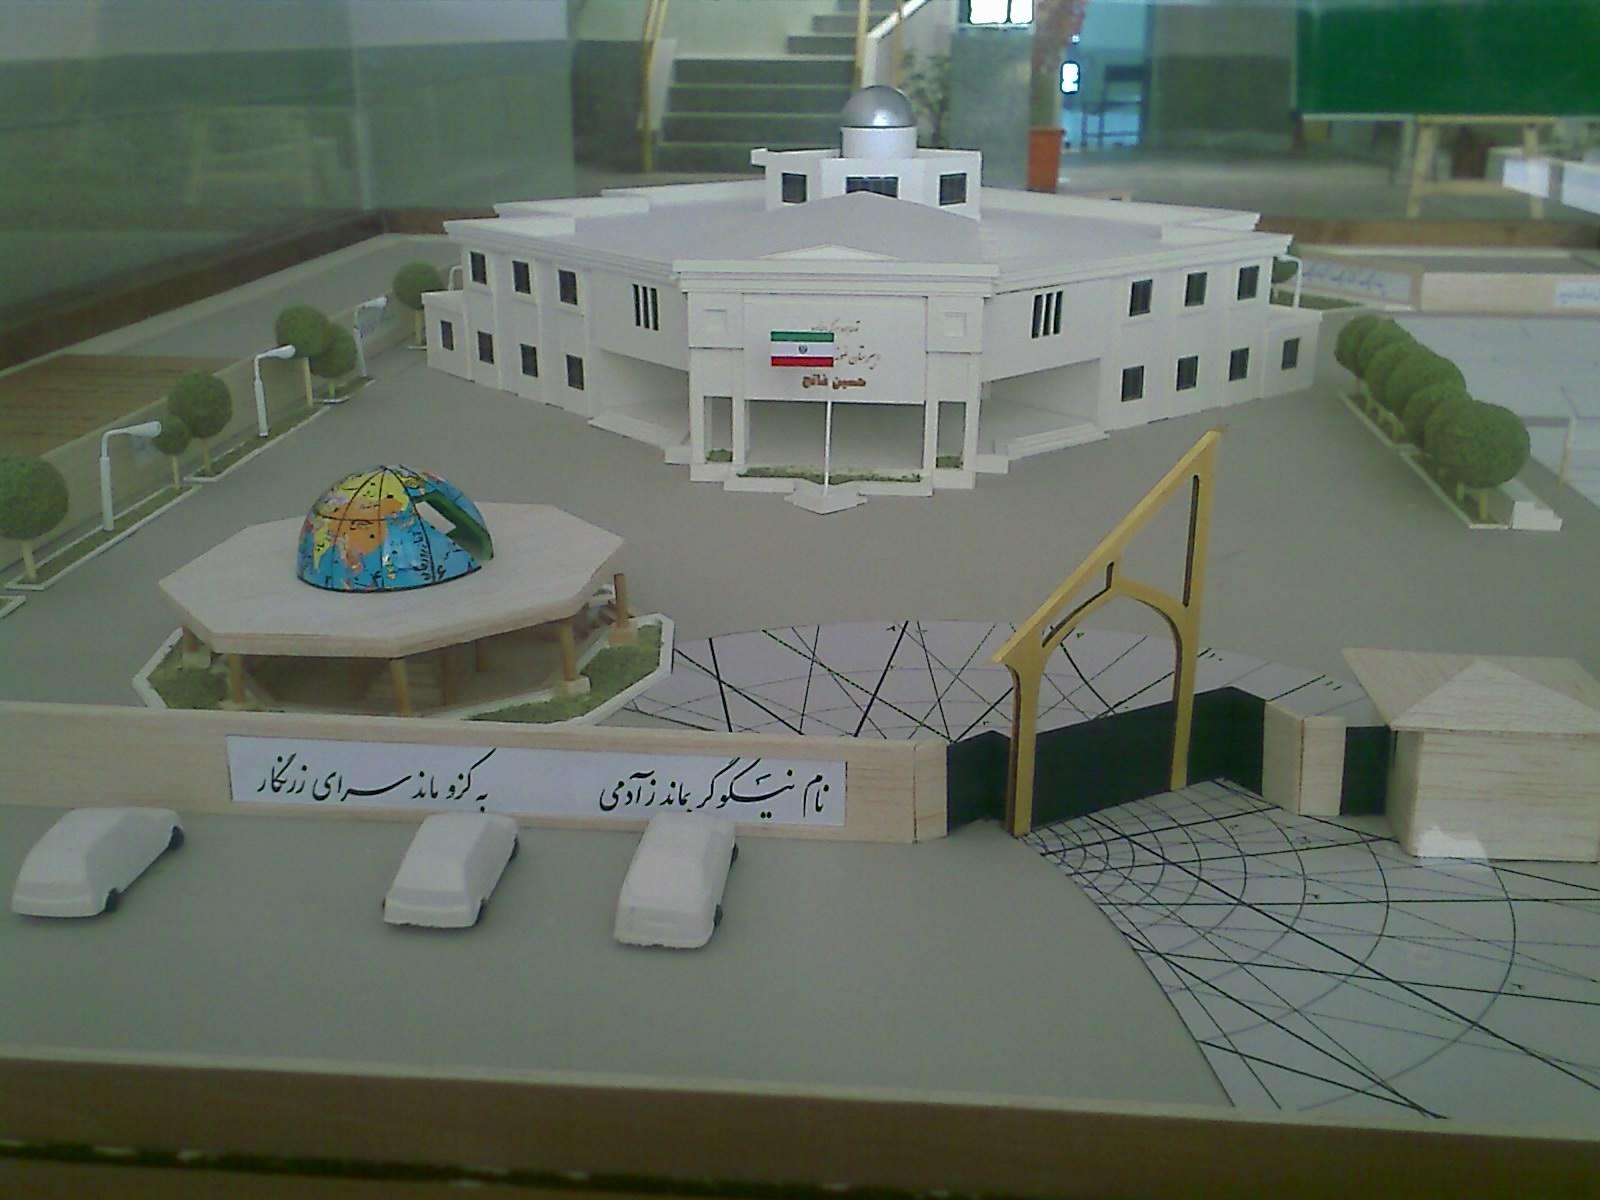 ماکت دبیرستان فاتح در مشهد خیابان هفت تیر بلوار هنر